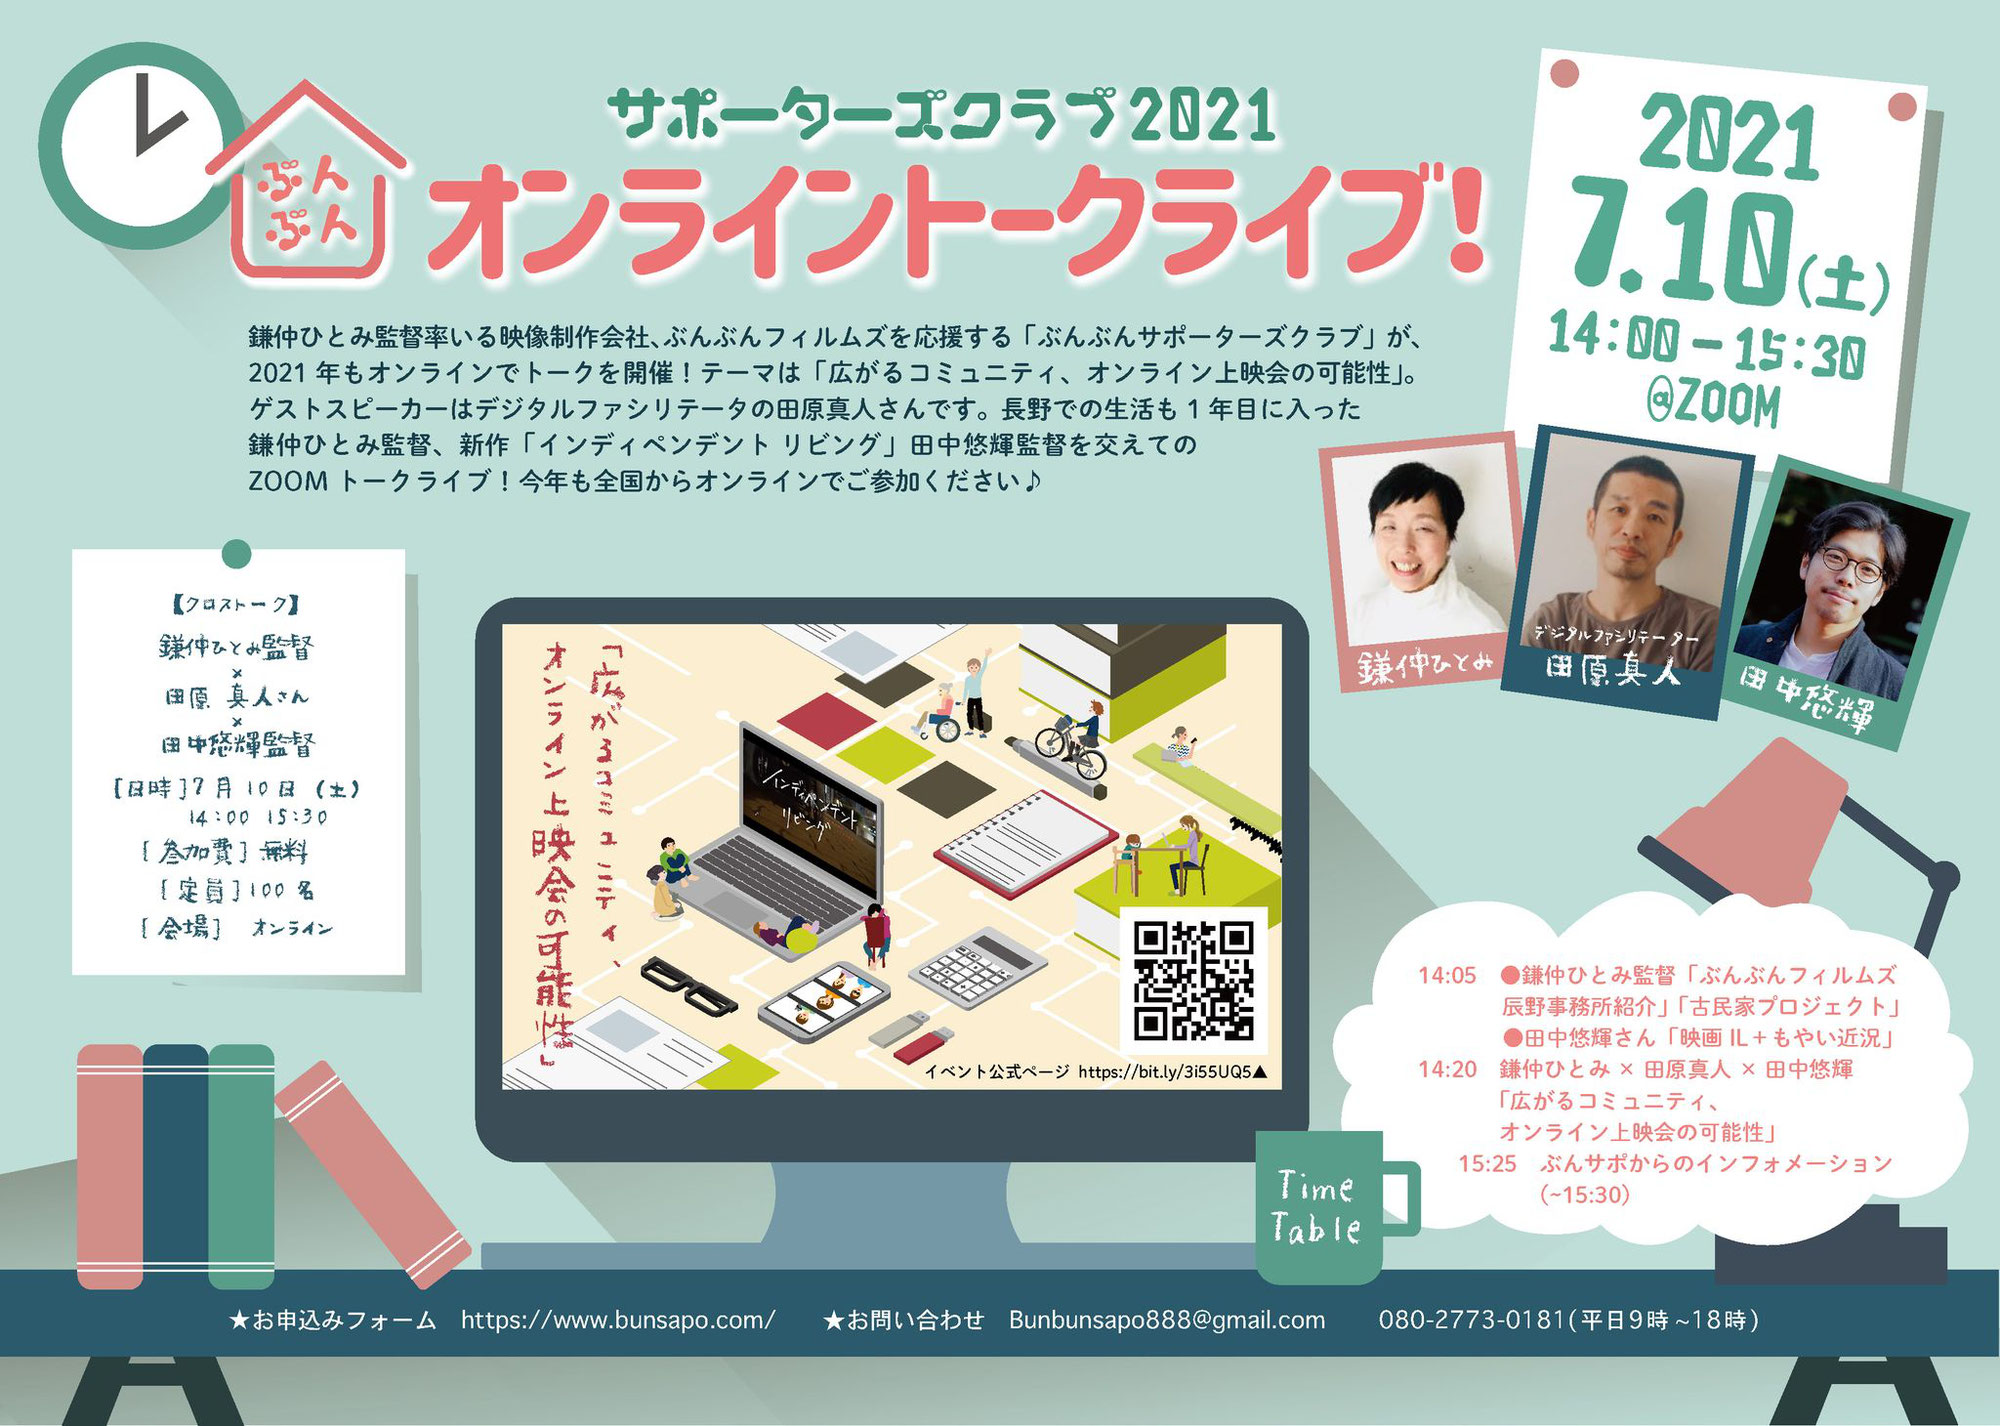 ぶんぶんオンライントークライブ 2021  7.10 2021 (土) 14:00〜15:30 @ZOOM ー